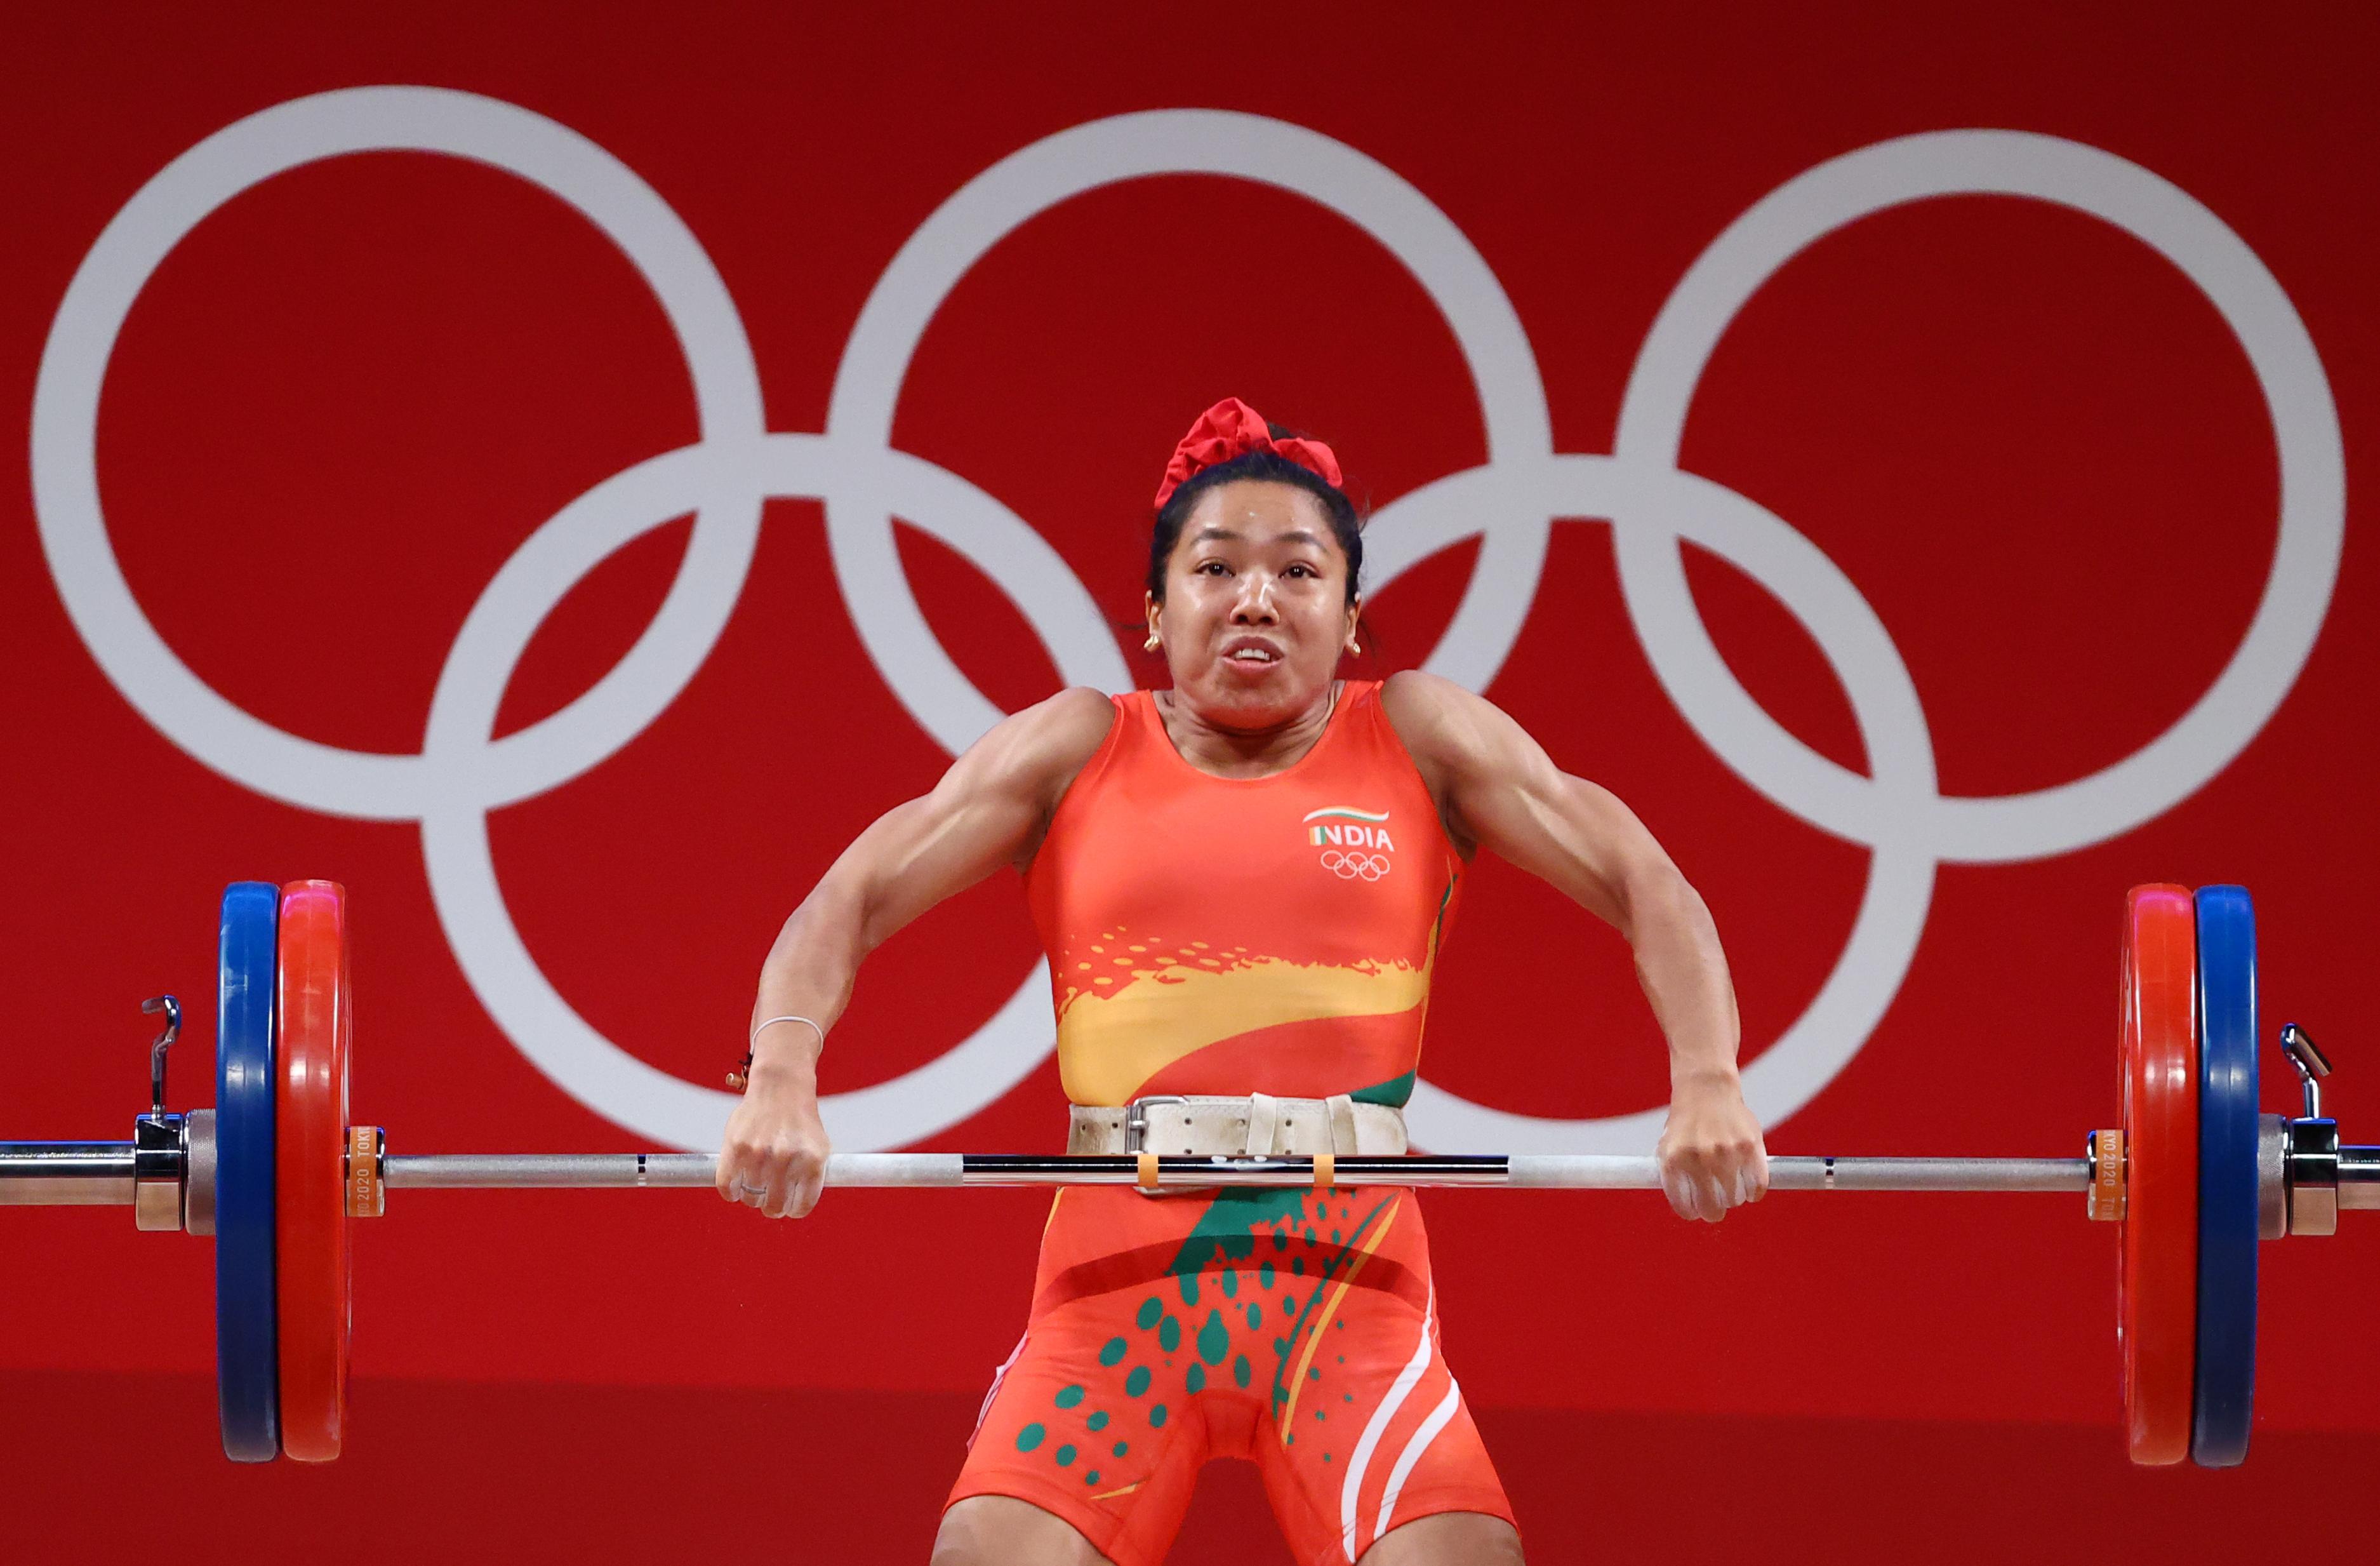 फाइनल इवेंट के दौरान मीराबाई चानू। महिलाओं की 49 किलोग्राम वेट कैटेगरी में कुल 202 किलोग्राम वजन उठाया।